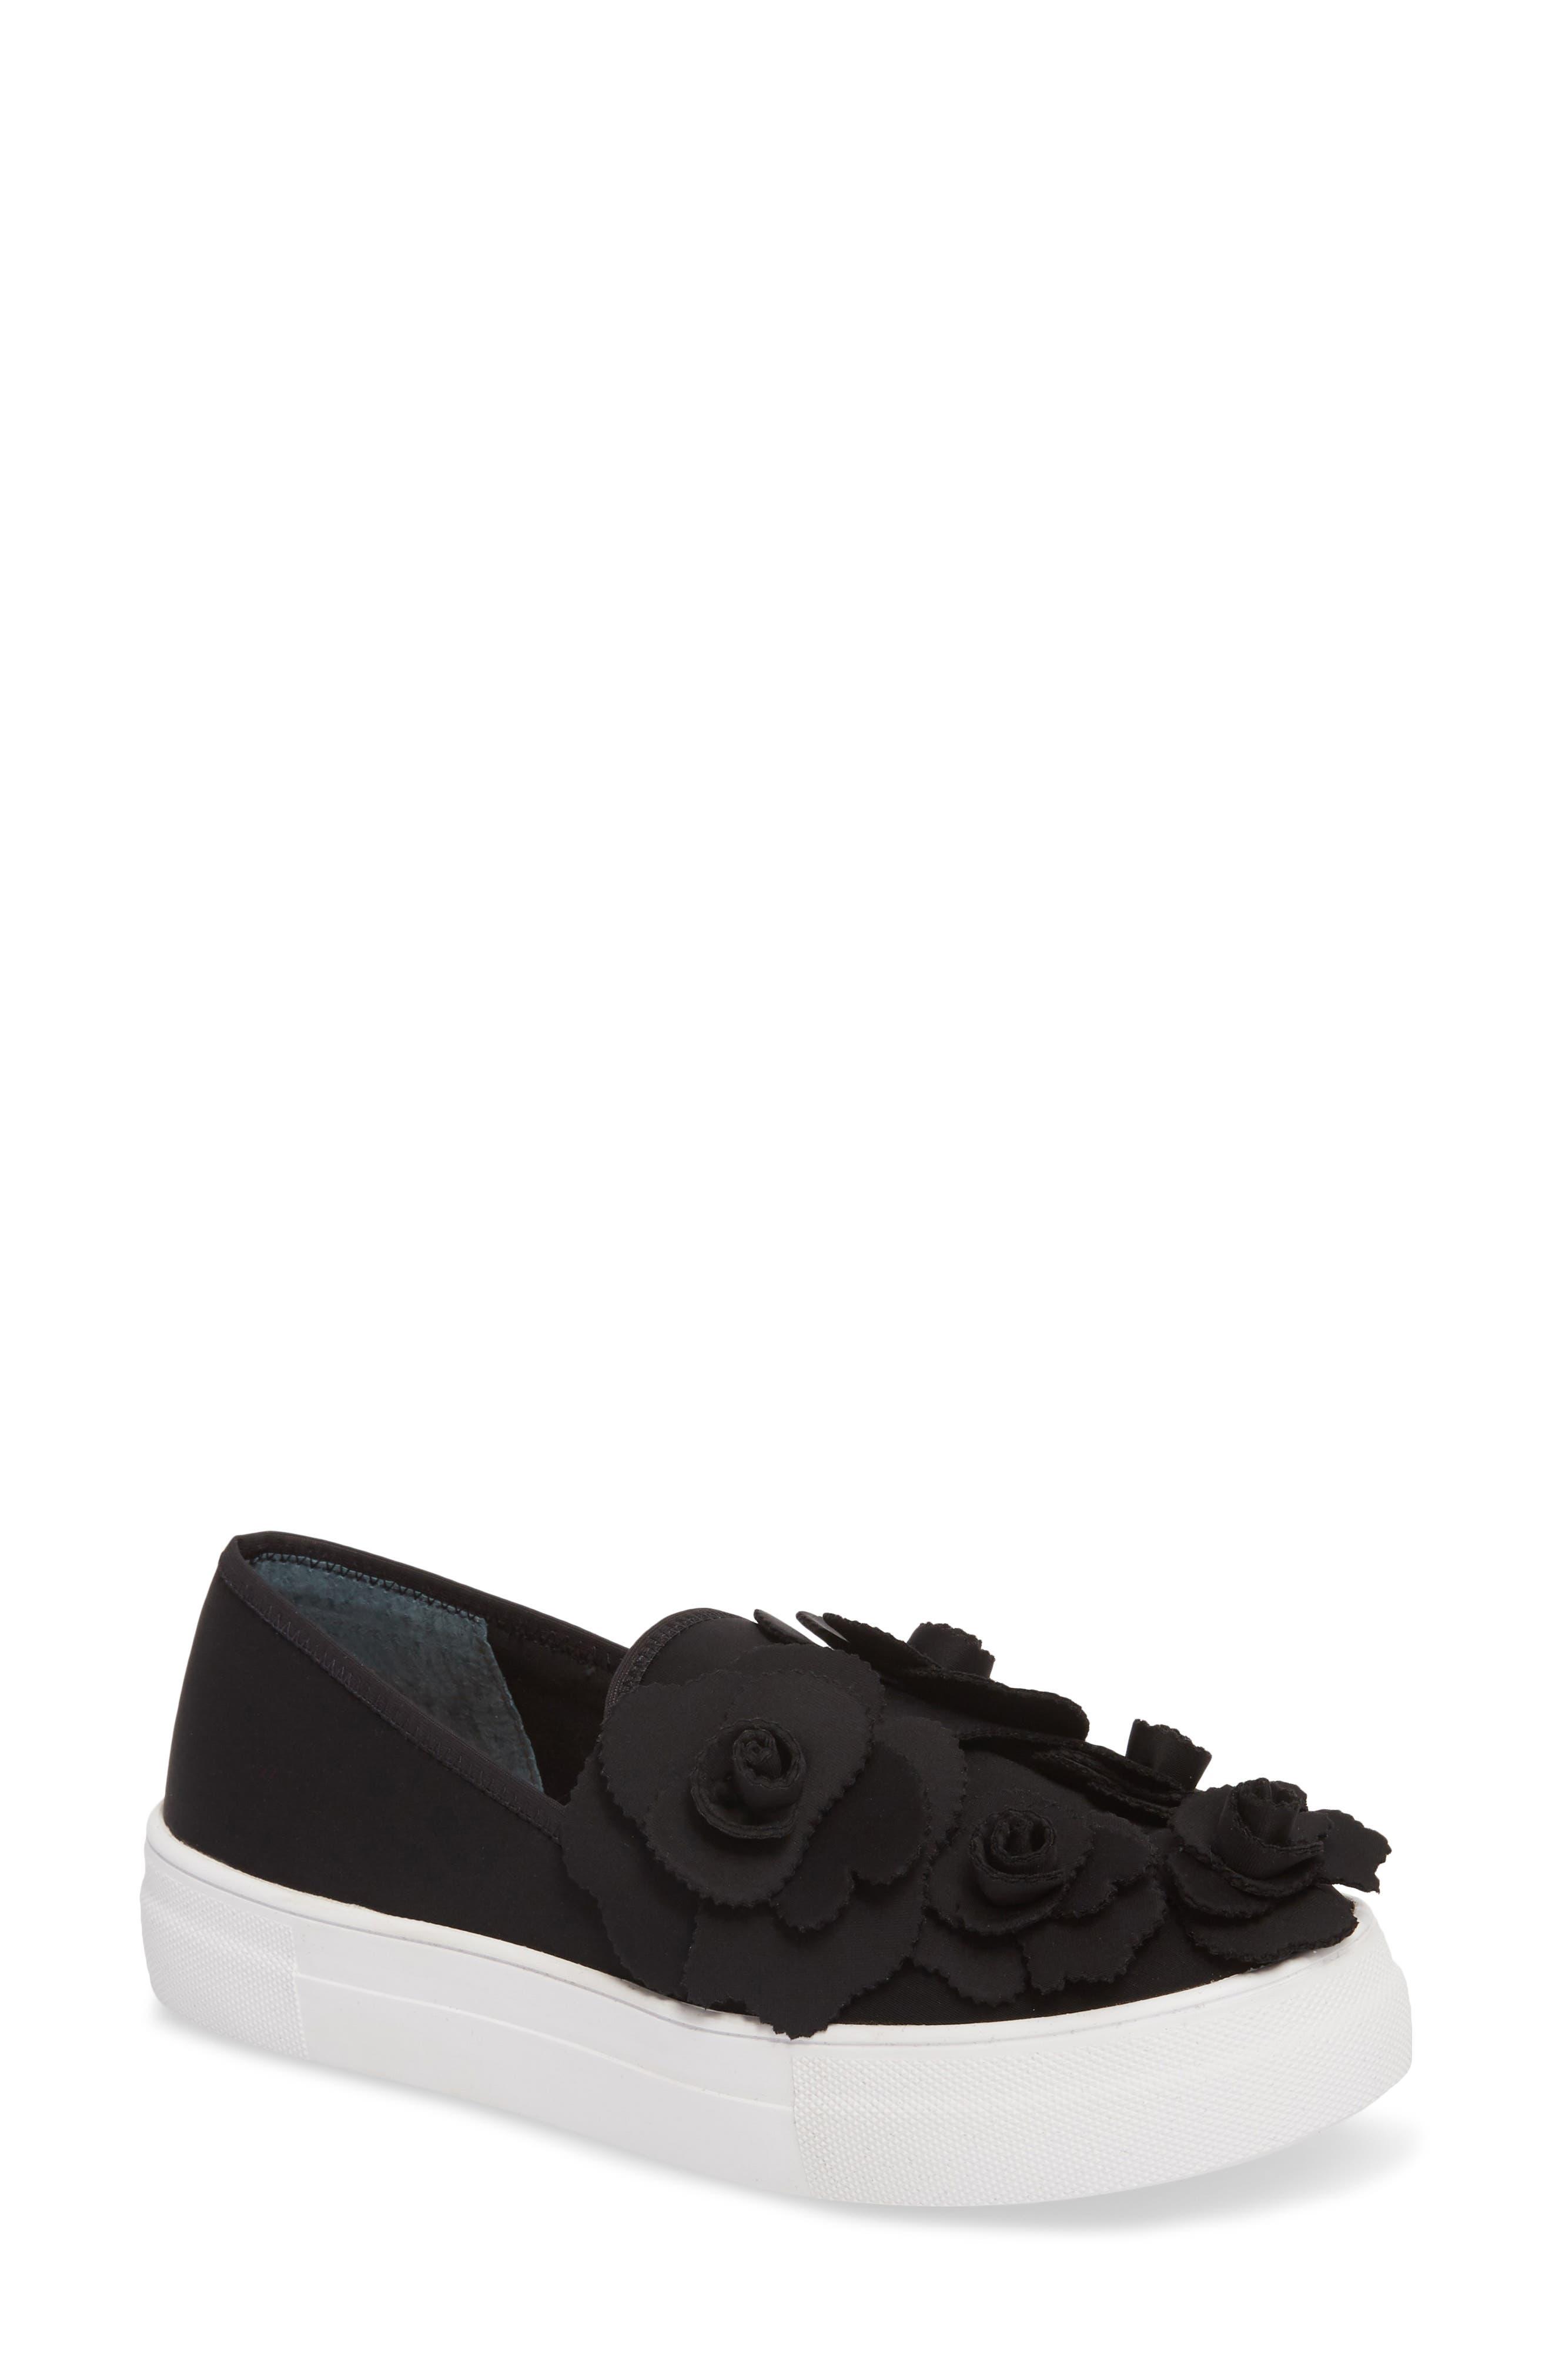 Alden Floral Embellished Slip-On Sneaker,                             Main thumbnail 1, color,                             001